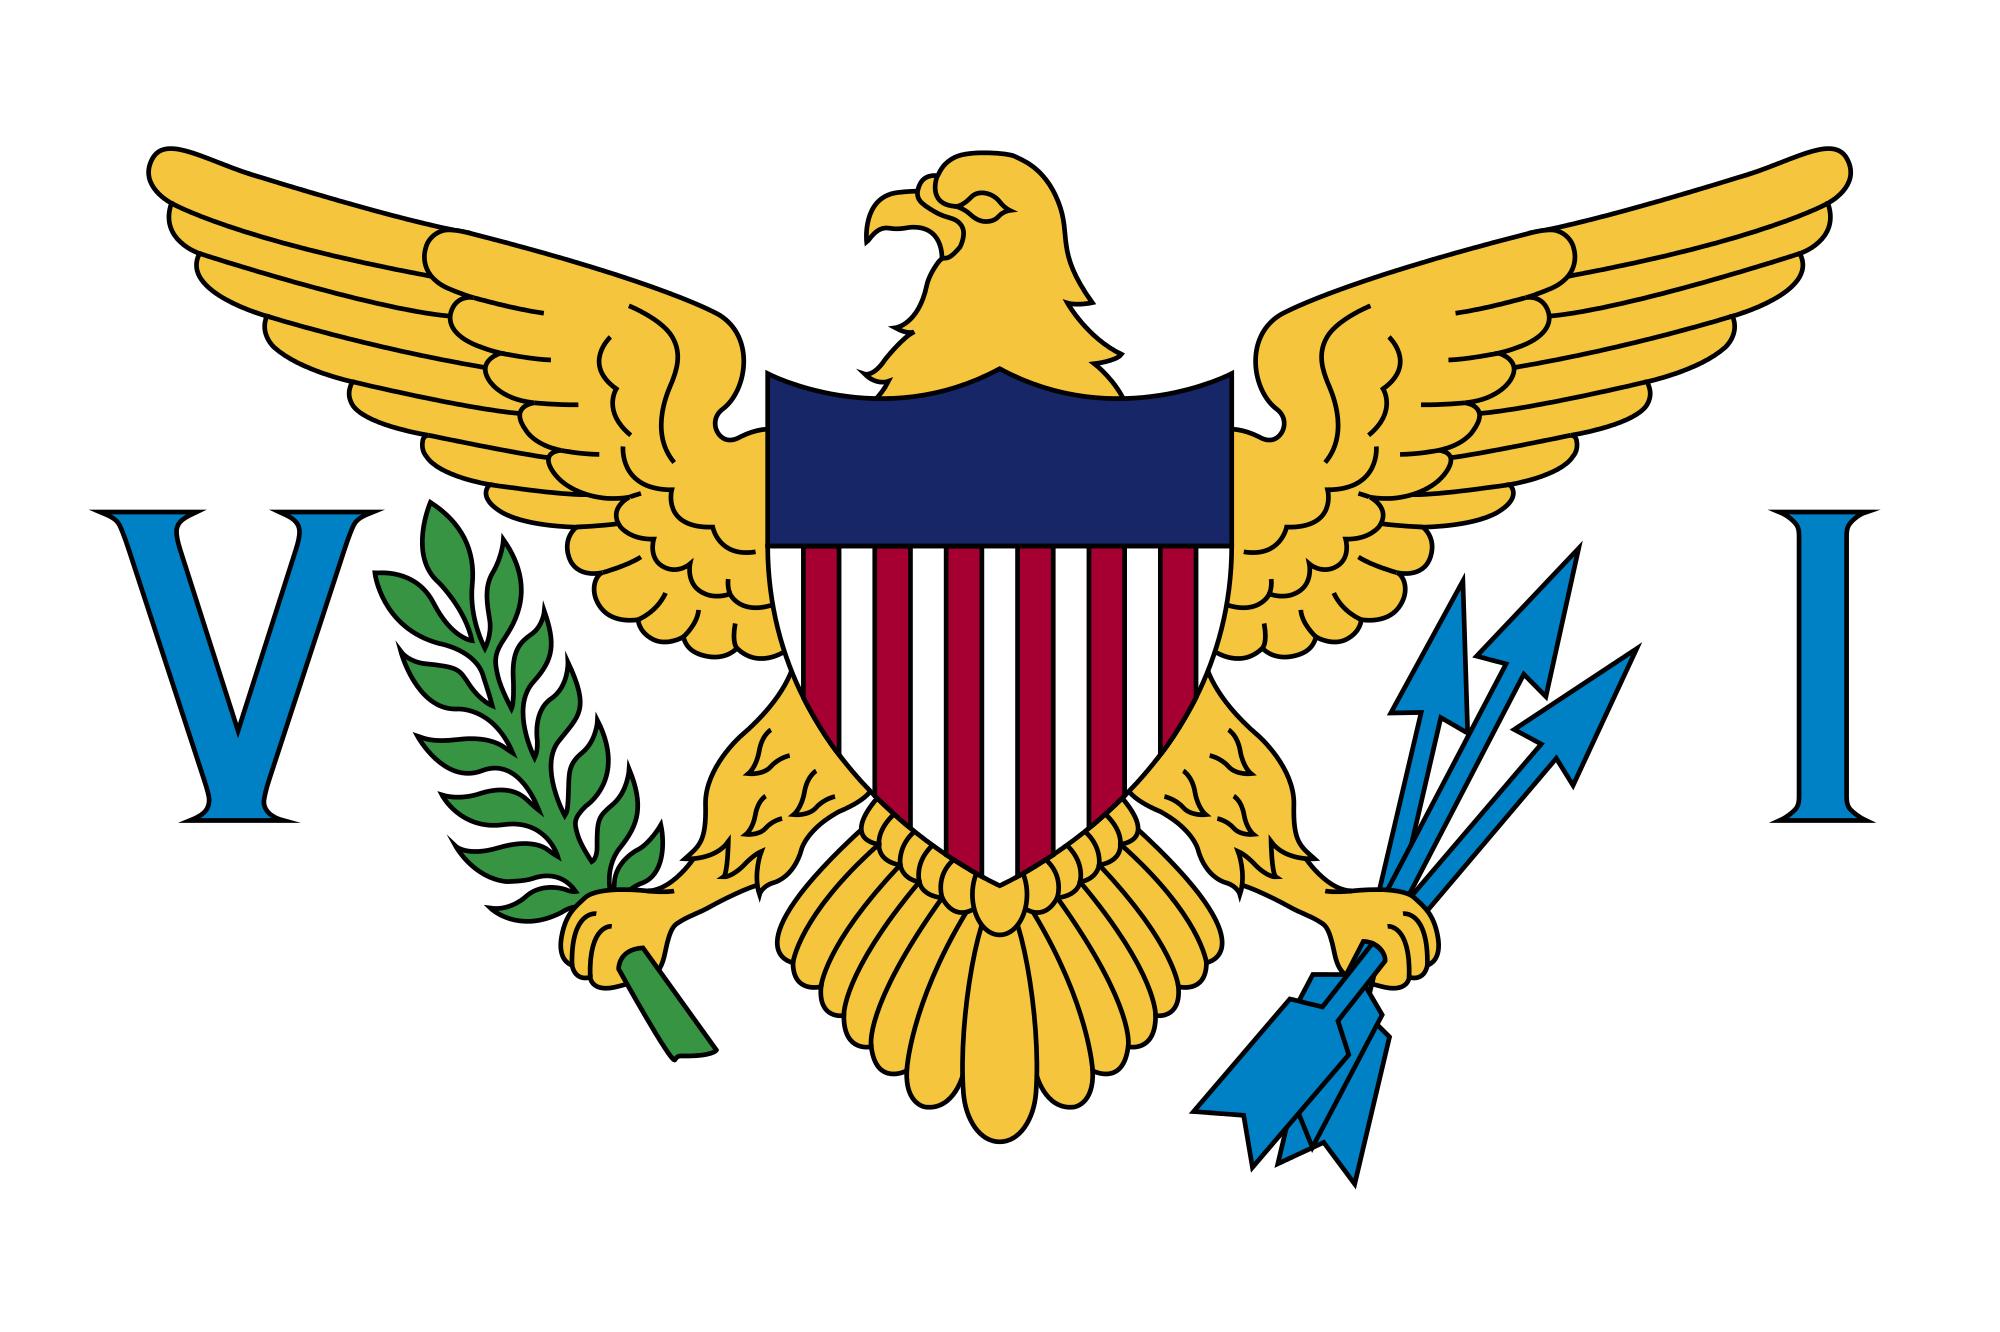 islas virgenes estadounidenses, país, emblema, insignia, シンボル - HD の壁紙 - 教授-falken.com